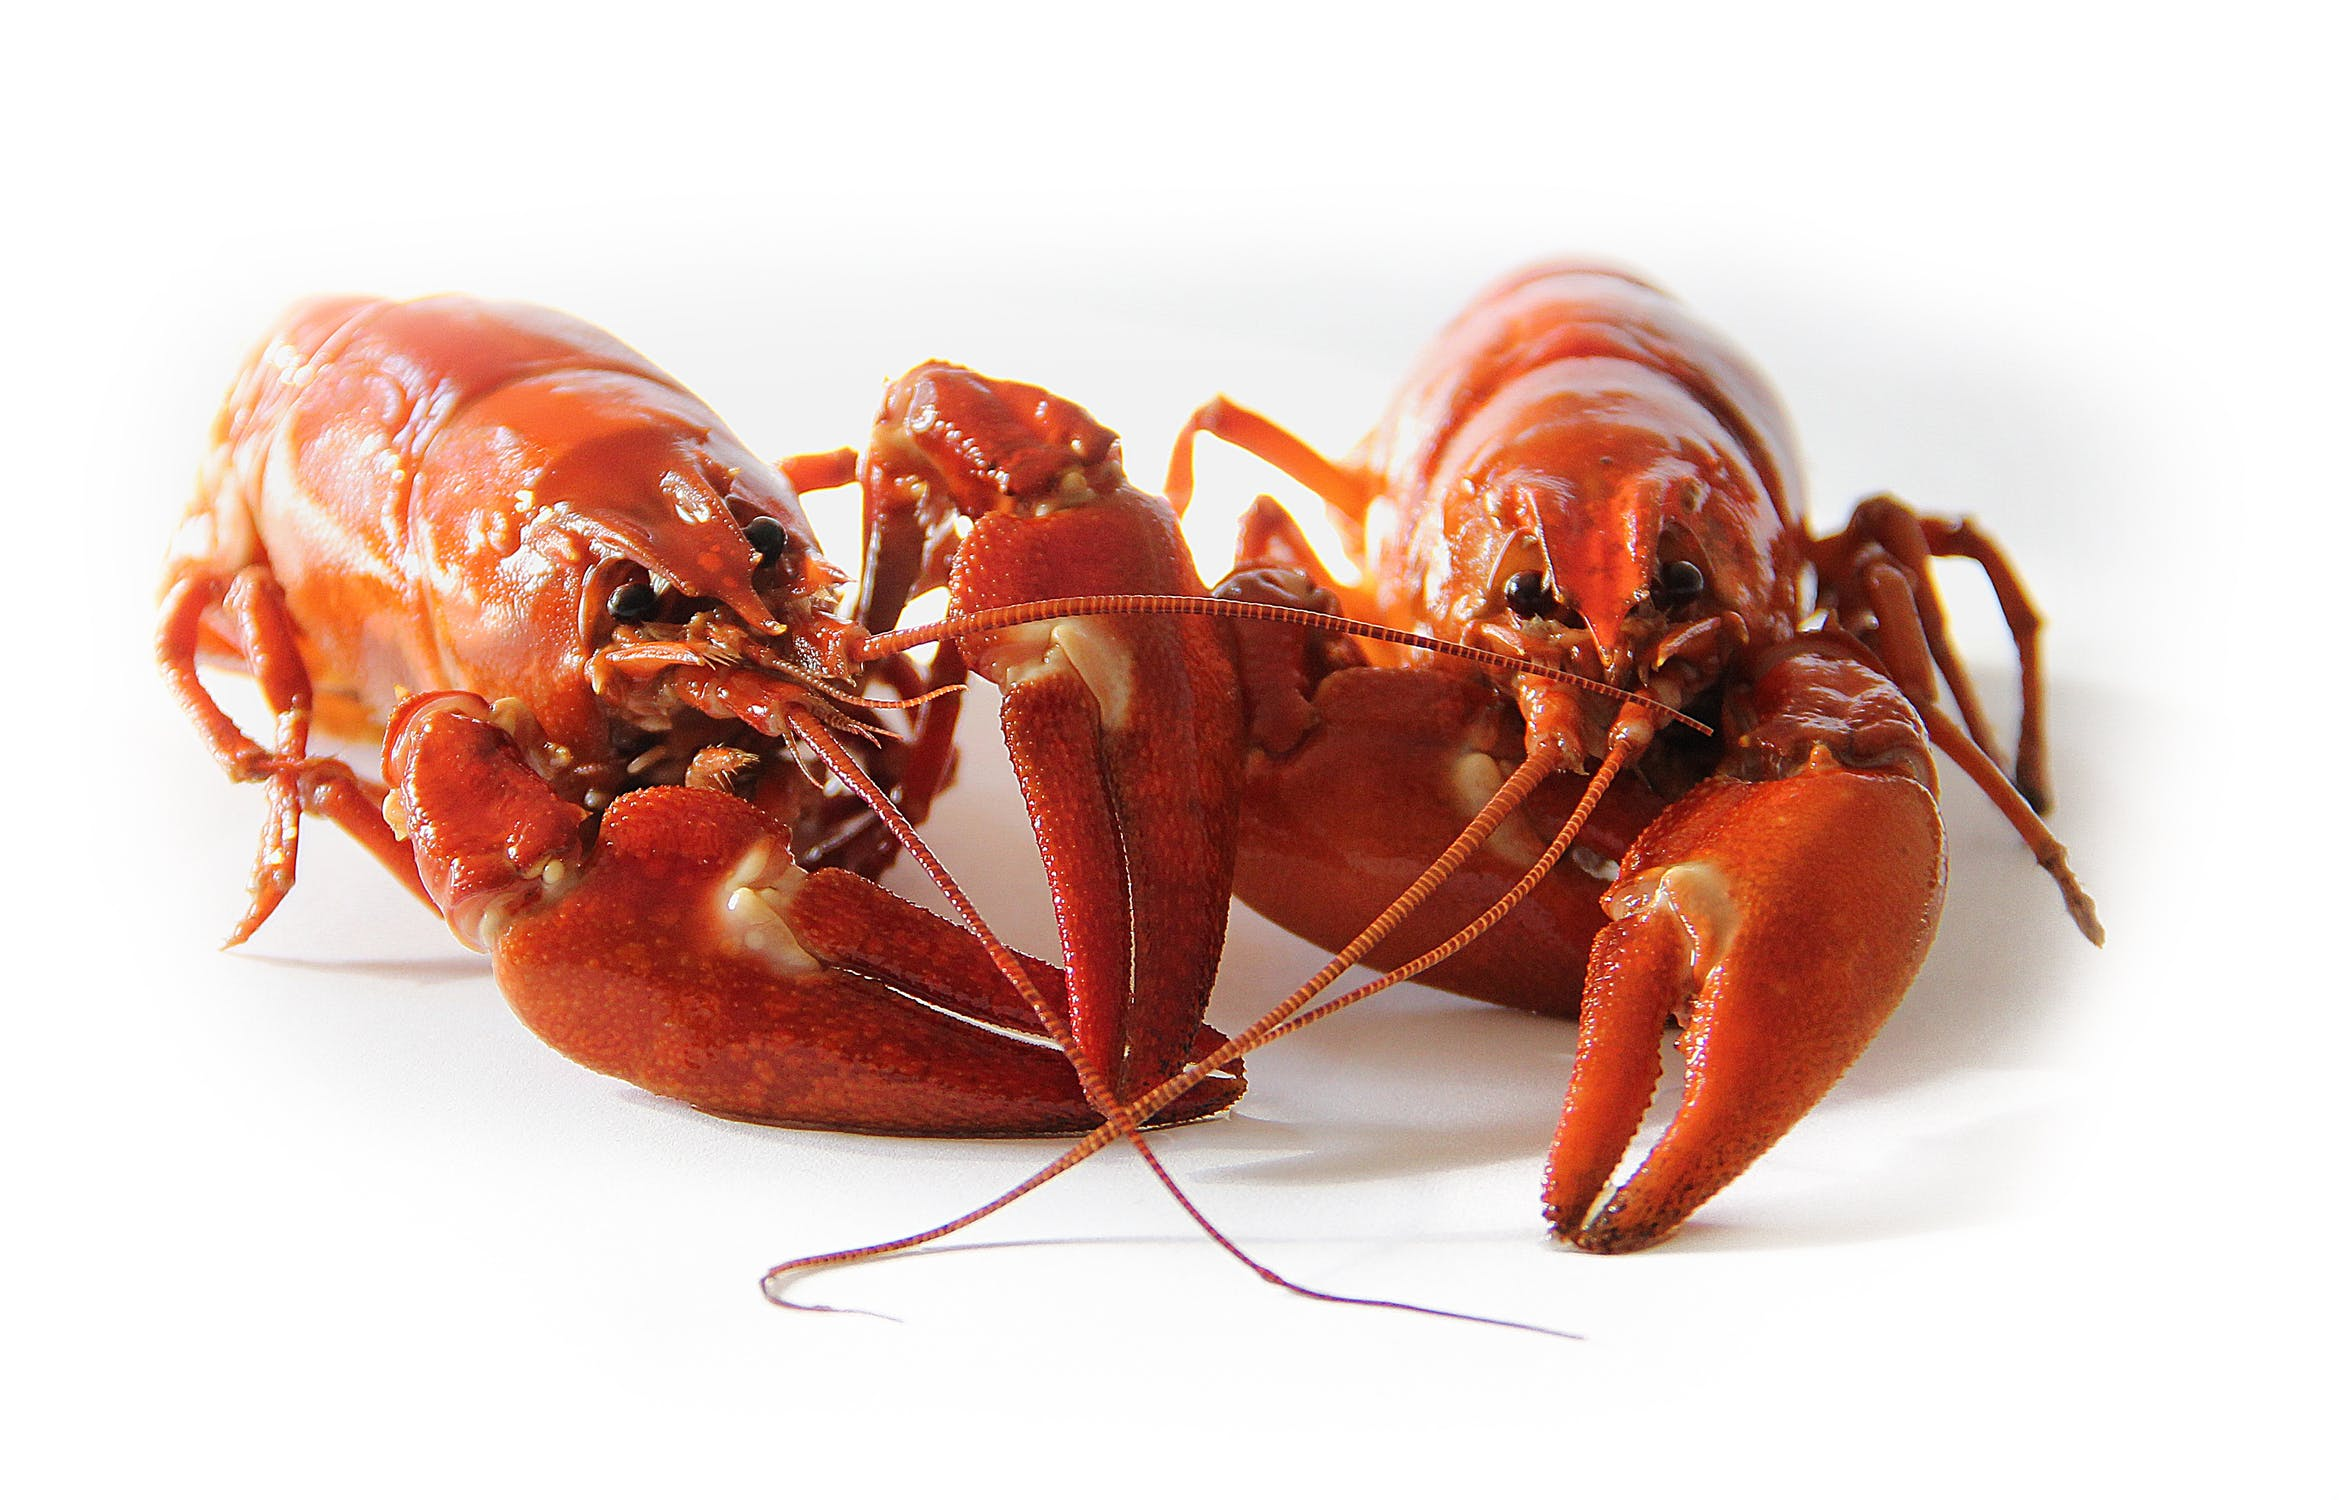 小龙虾上榜入侵物种名录,吃货们这次为啥也解决不了问题了